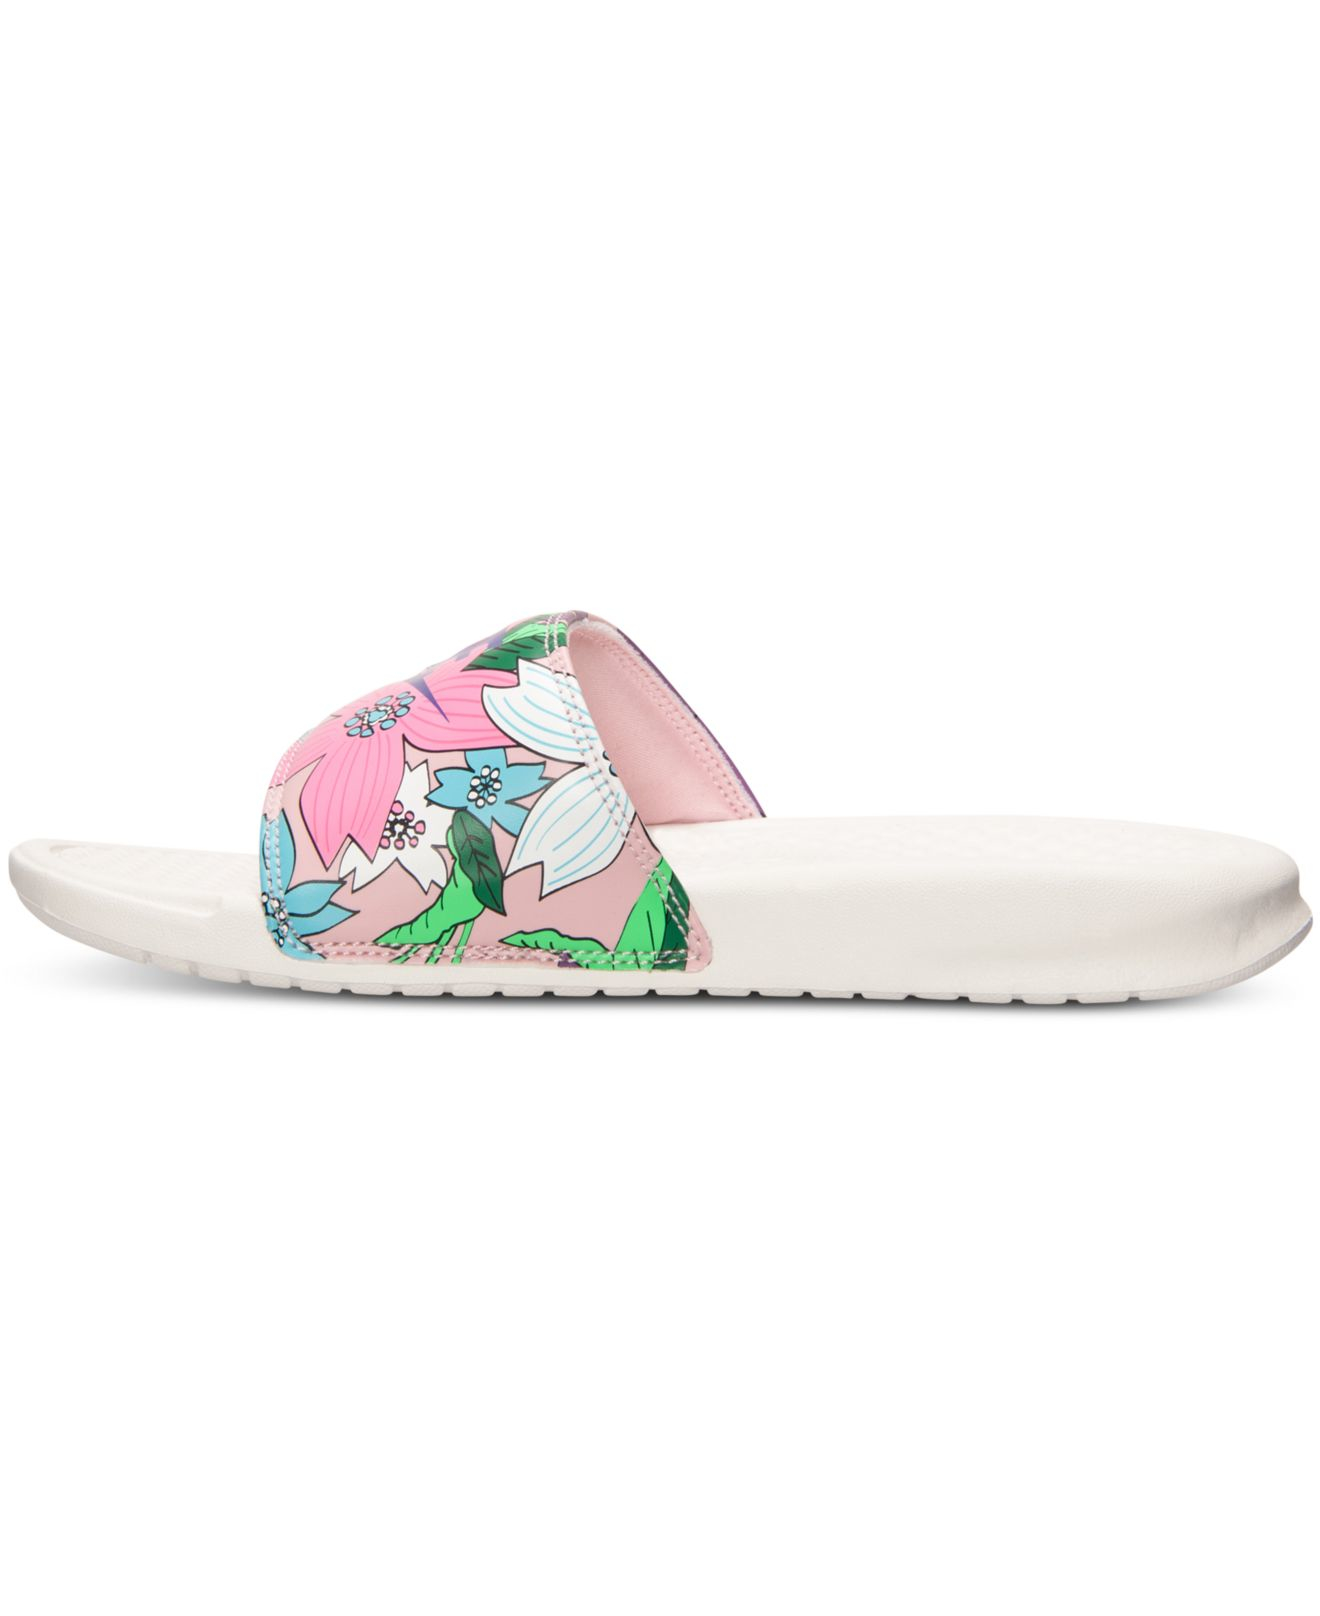 Macy S Women S Nike Shoes